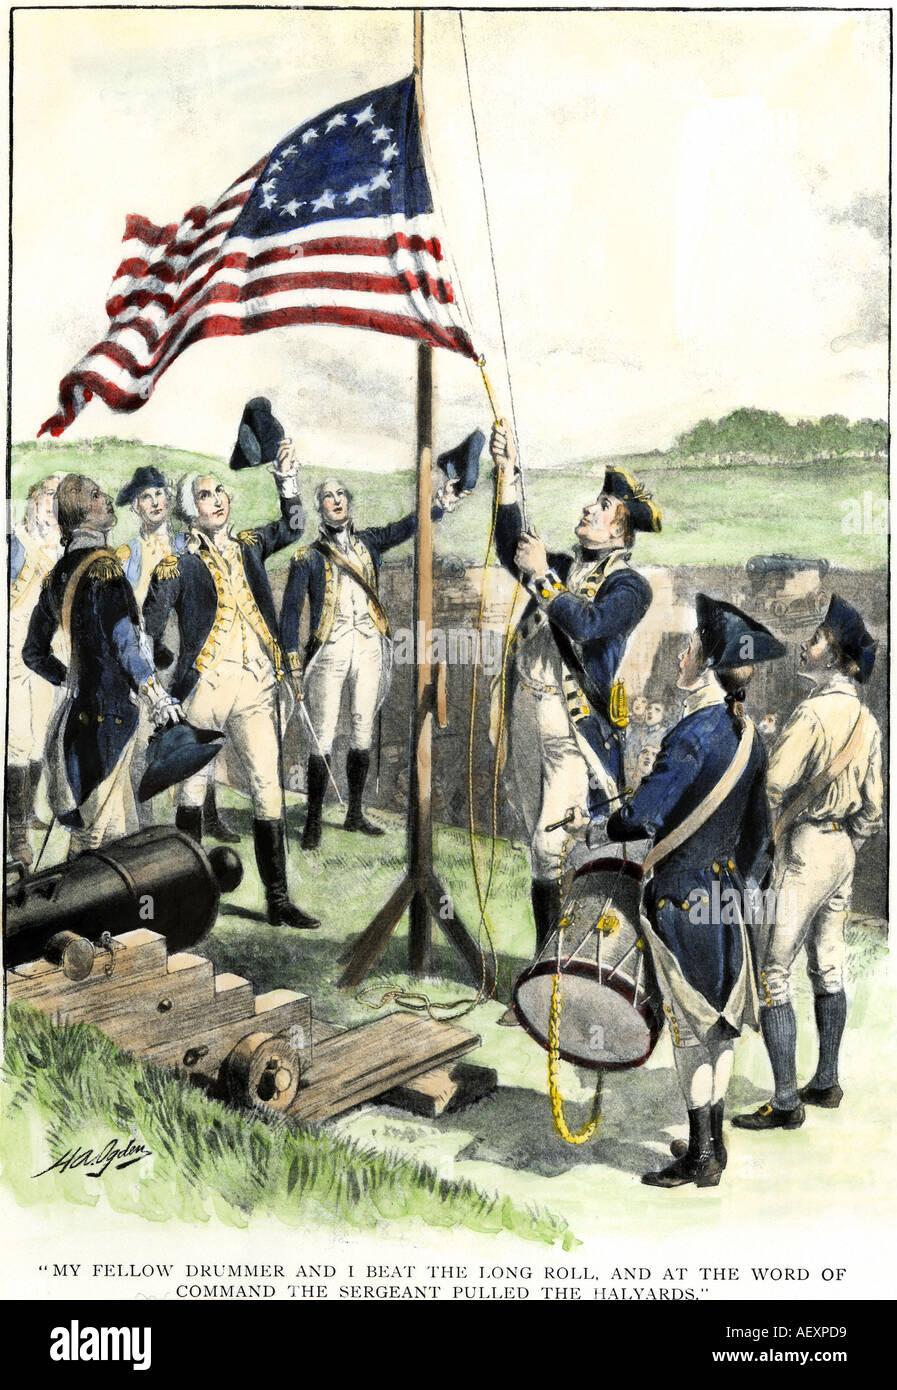 Los soldados americanos izando la bandera de 13 estrellas durante la Guerra Revolucionaria. Mano de color halftone de ilustración. Imagen De Stock